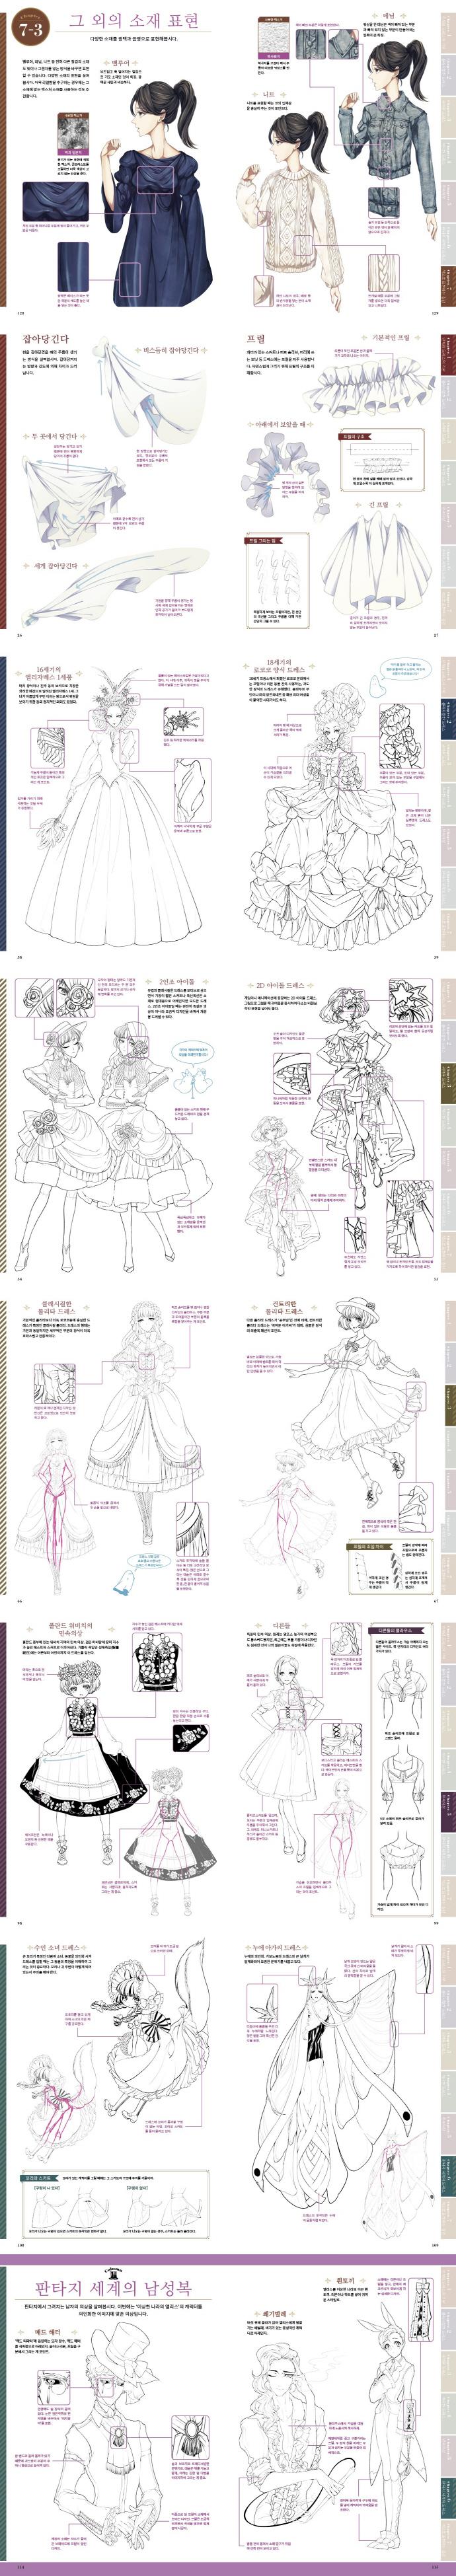 g_188_dress_01